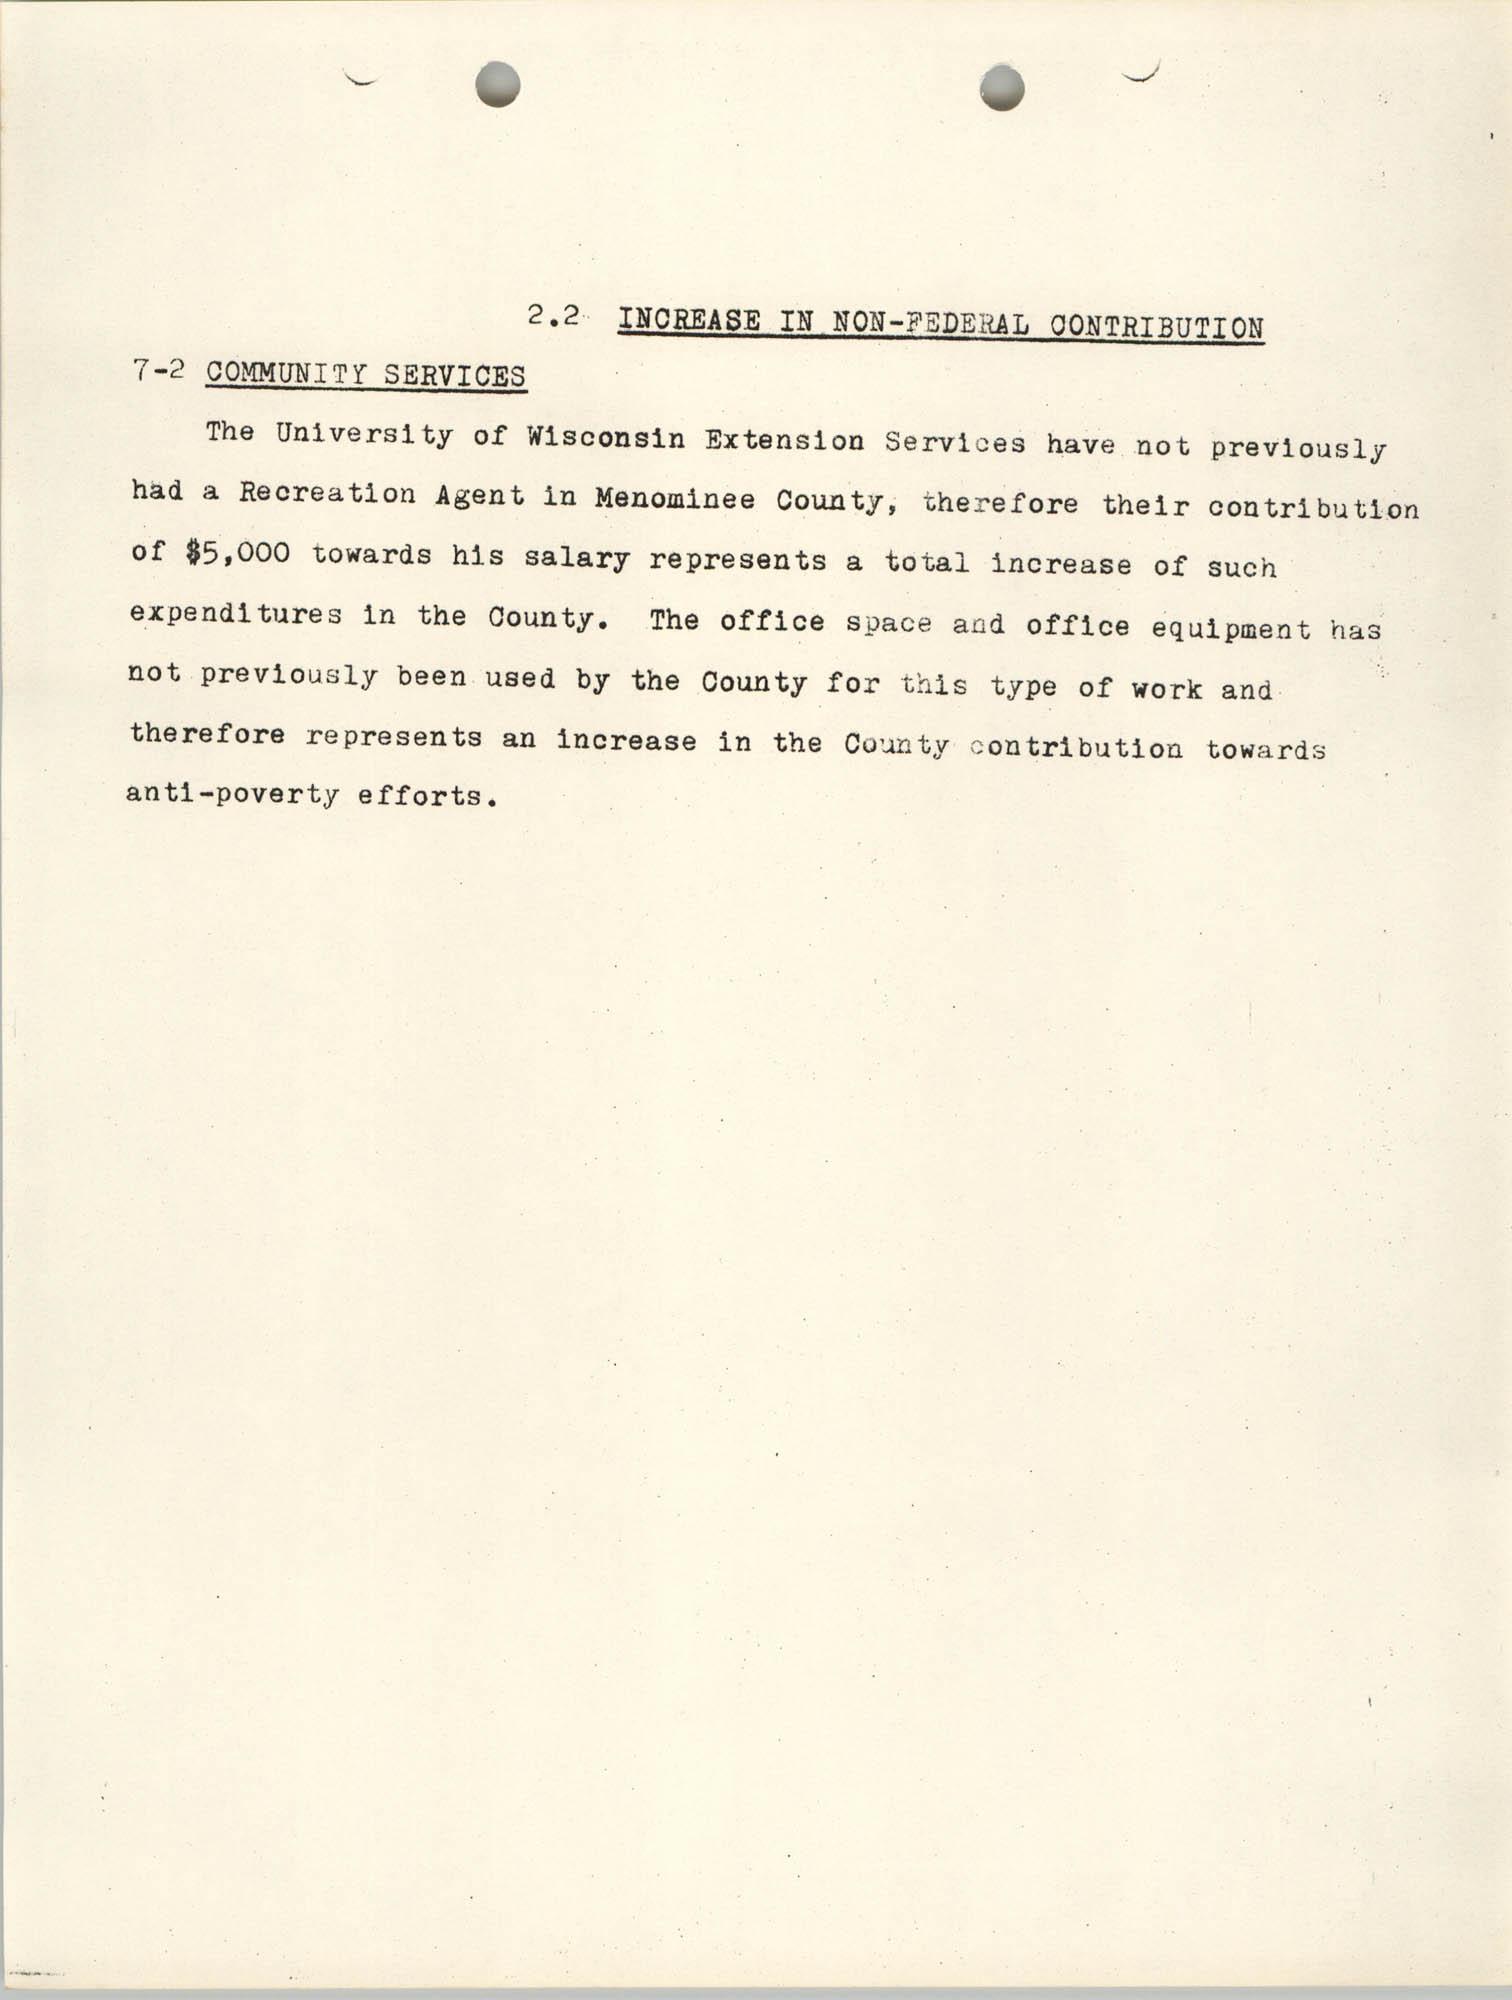 Increase in Non-Fedearl Contribution, June 27, 1966, Page 3